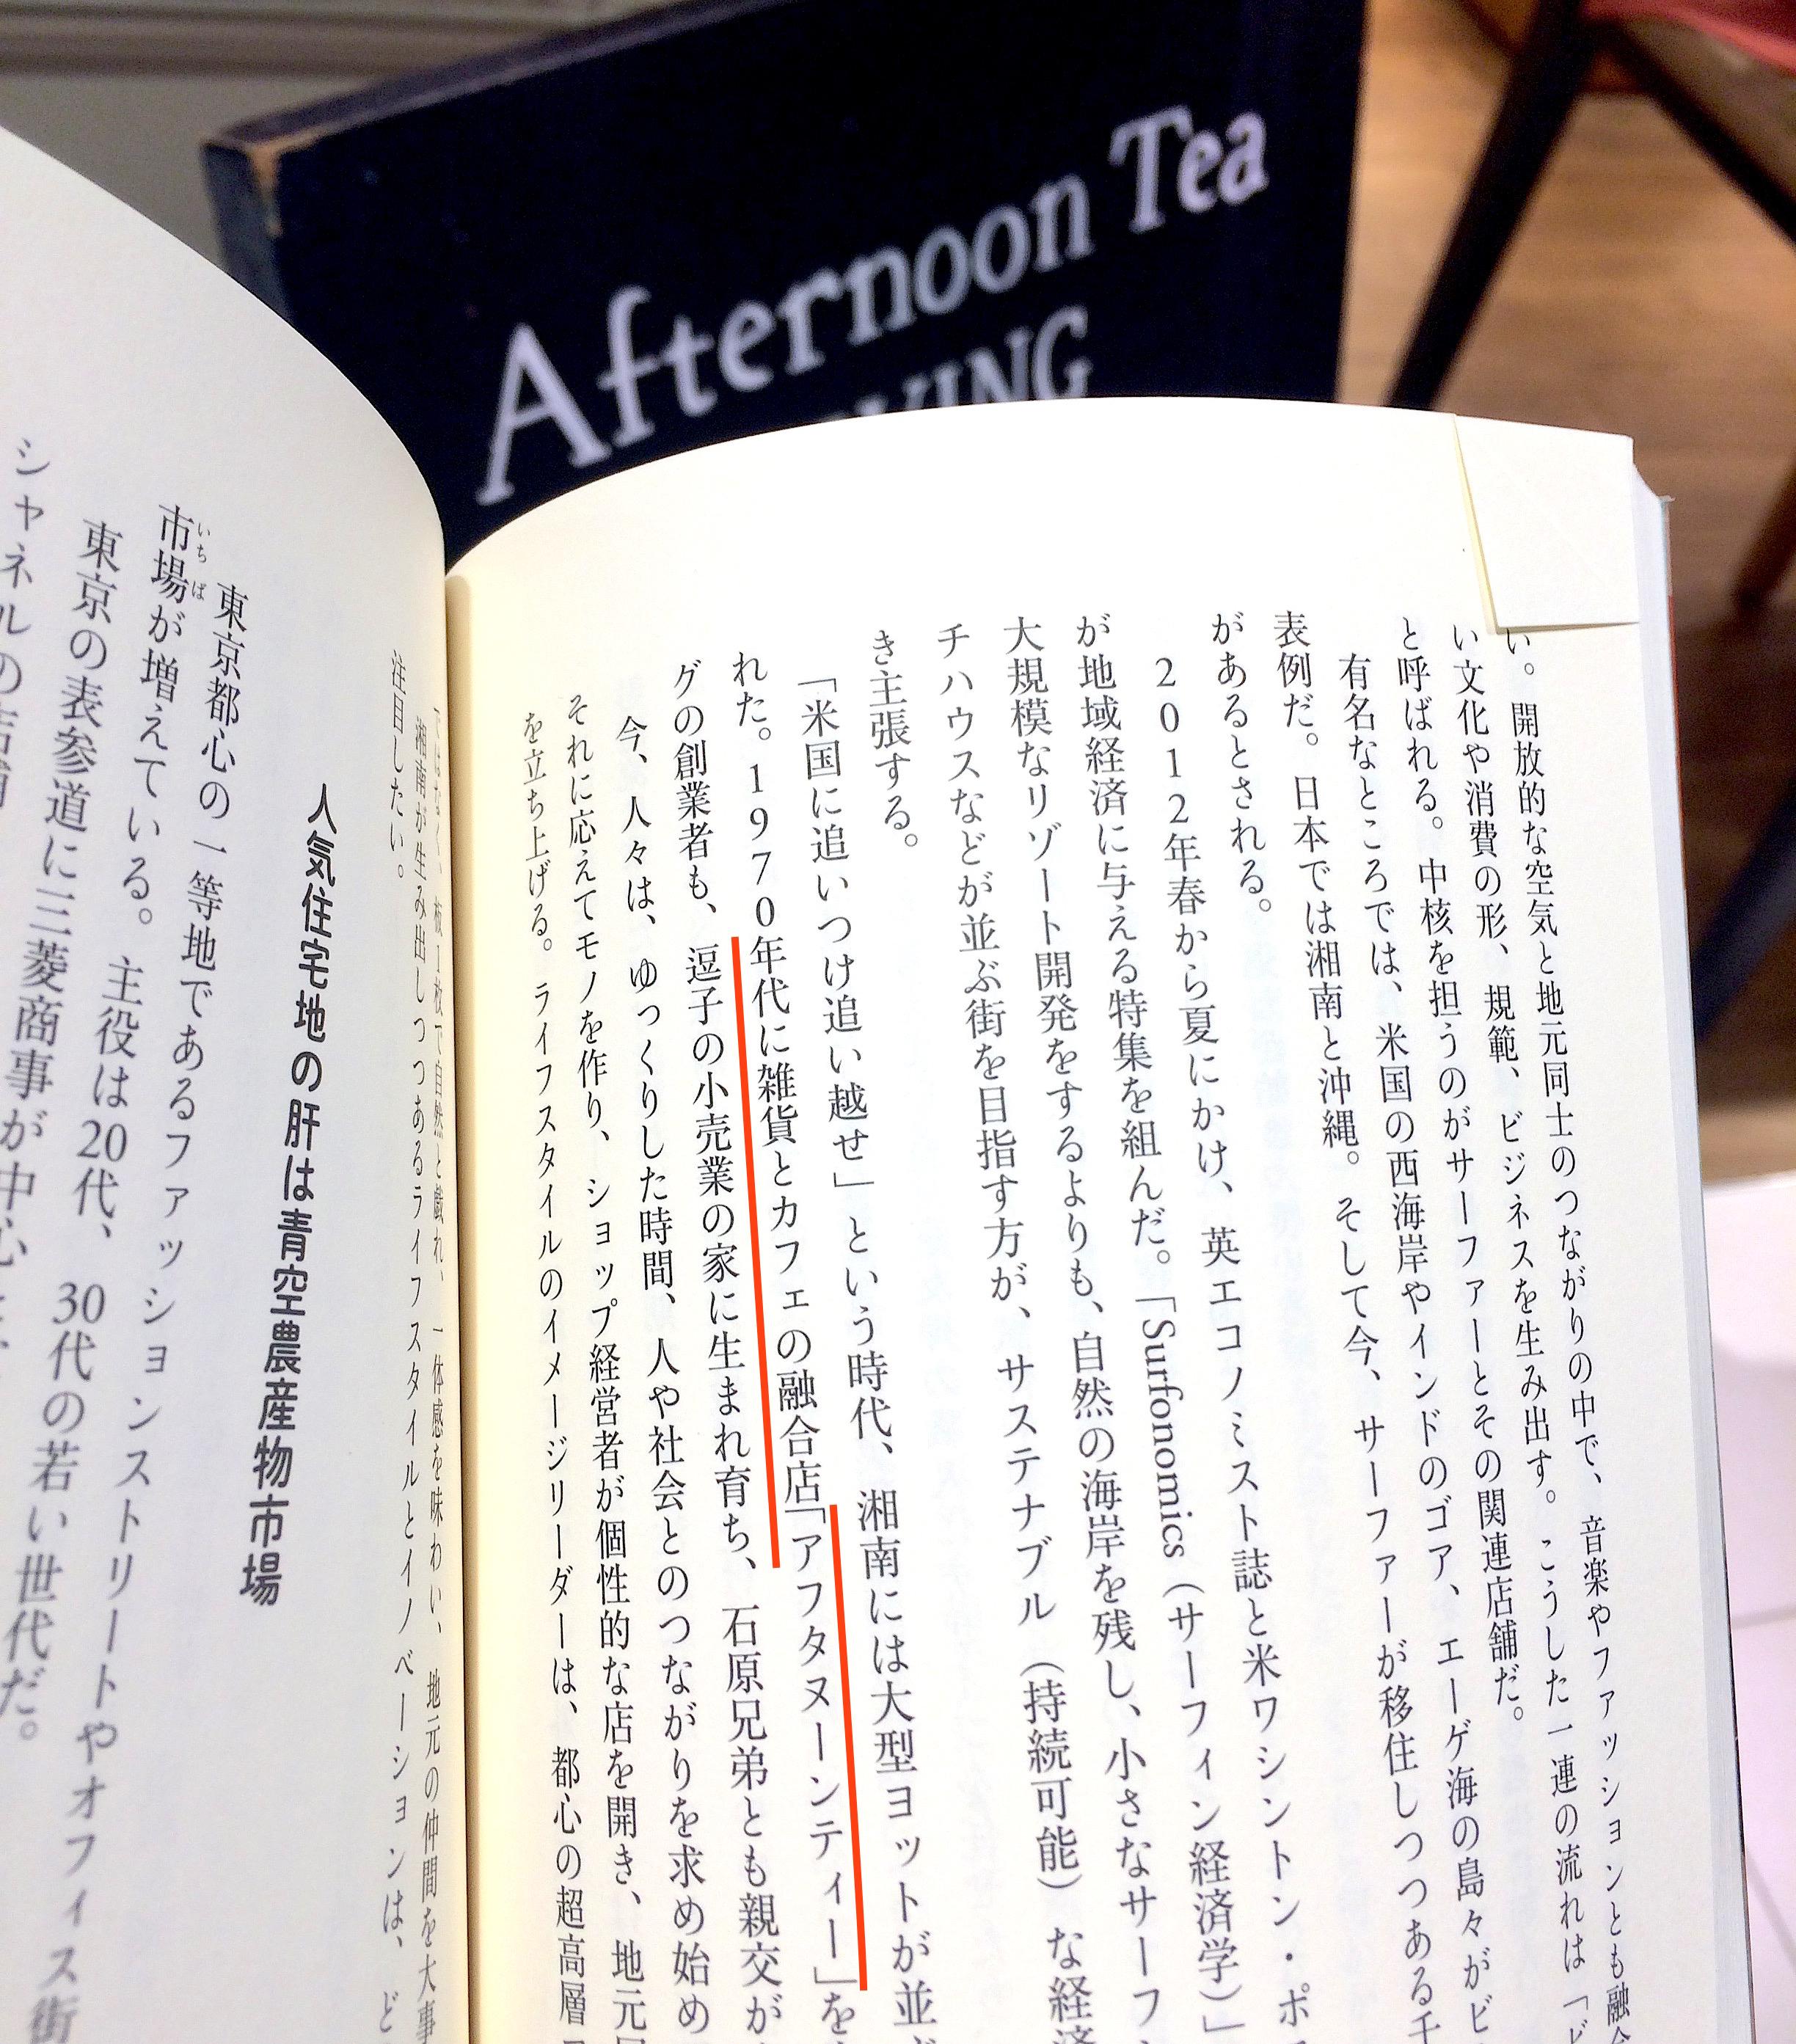 逗子の図書館で借りた本で、日本のスターバックスのルーツが逗子にあったと知る